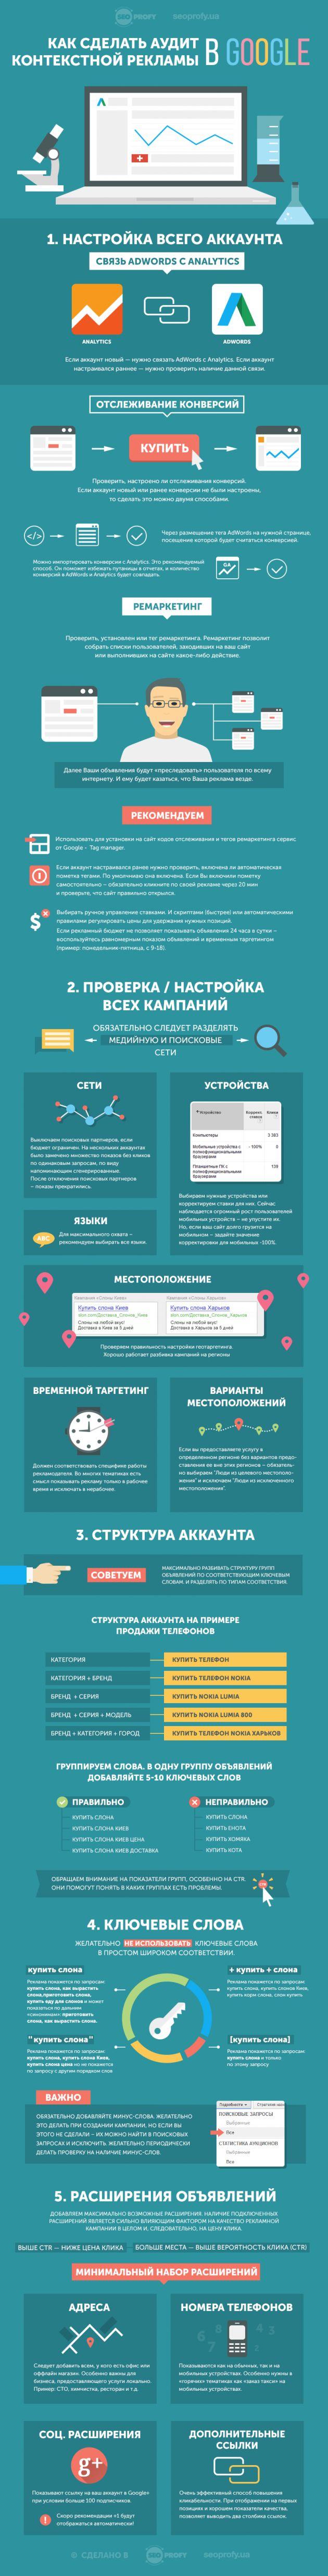 Инфографика: Как сделать аудит контекстной рекламы в Google?